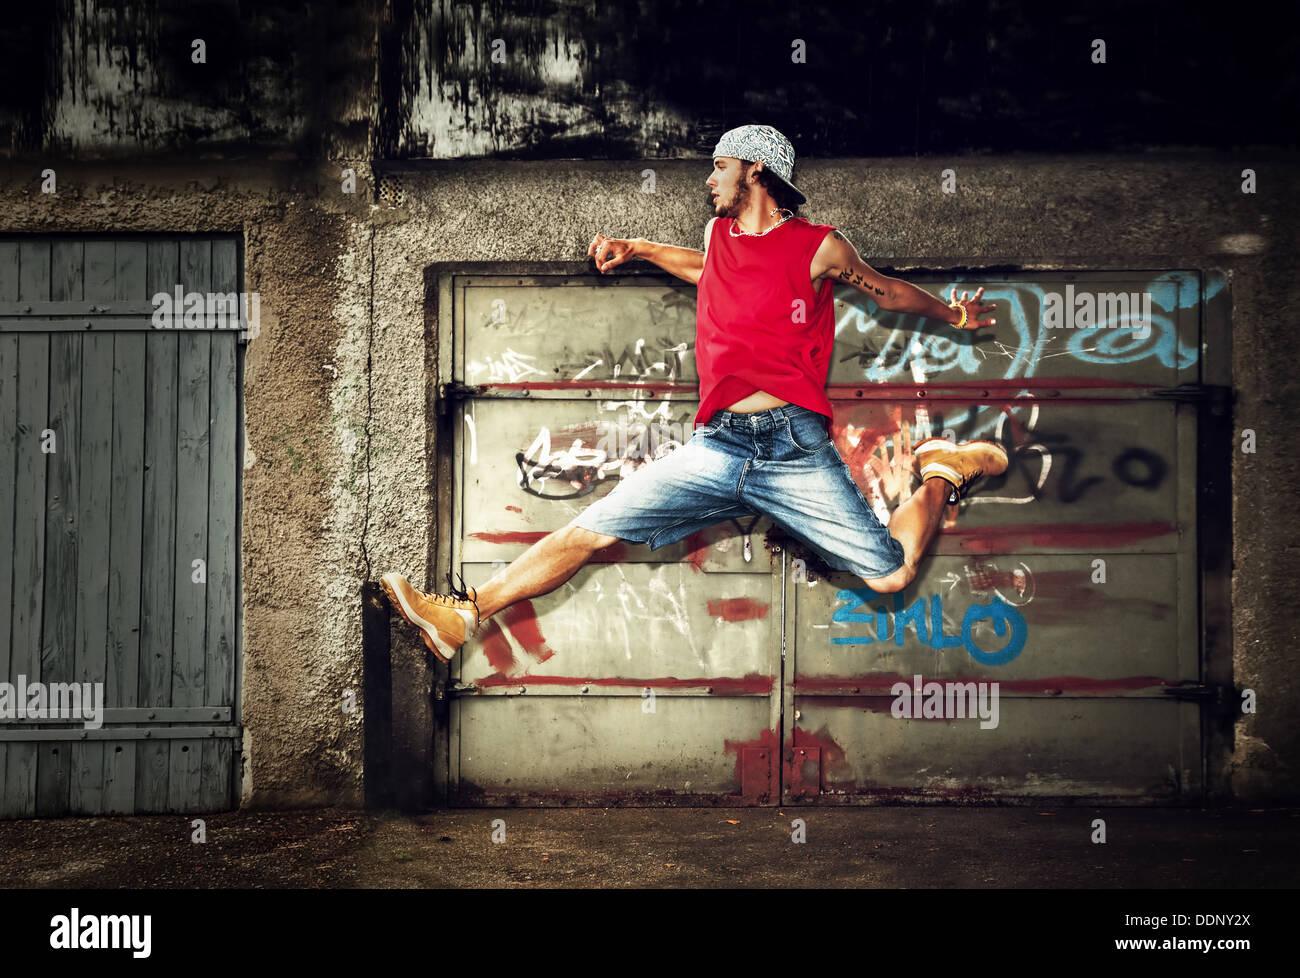 Joven/adolescente jumping / bailando en el grunge graffiti wall antecedentes Imagen De Stock